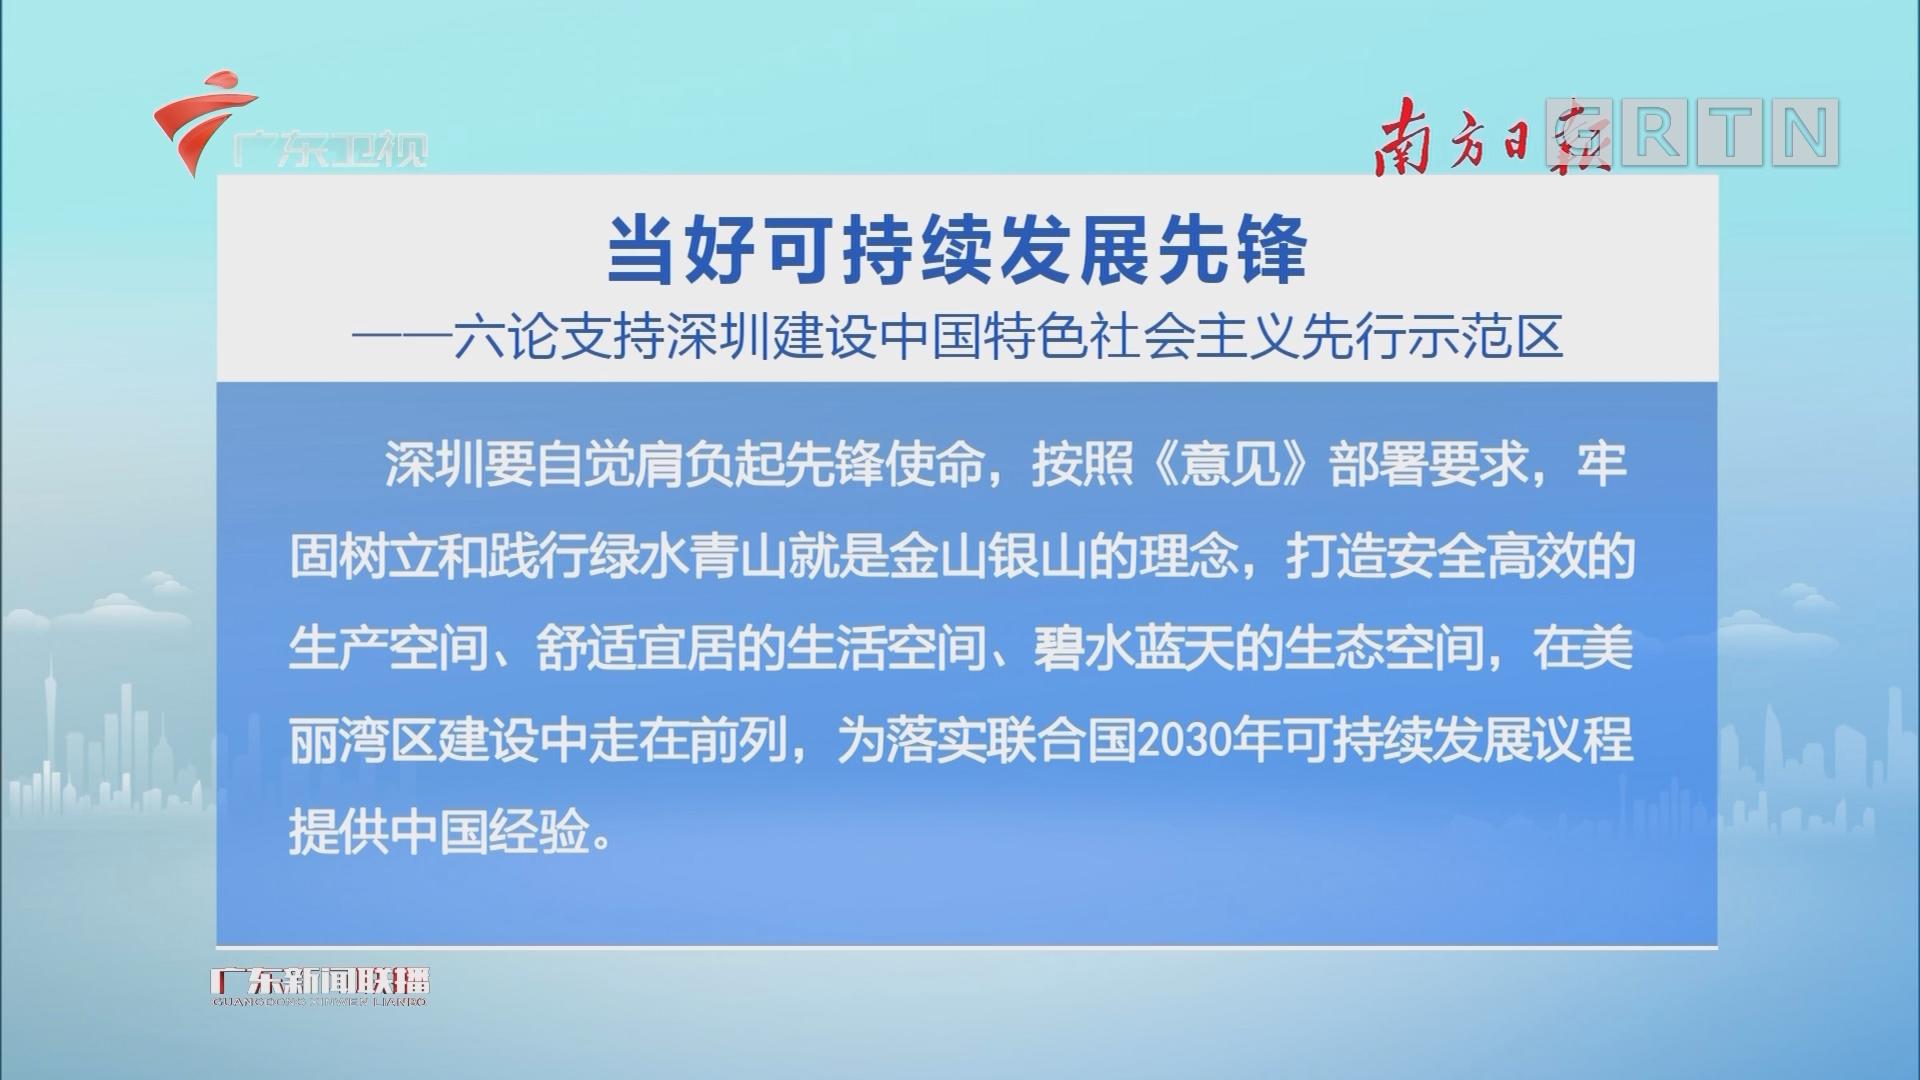 当好可持续发展先锋——六论支持深圳建设中国特色社会主义先行示范区